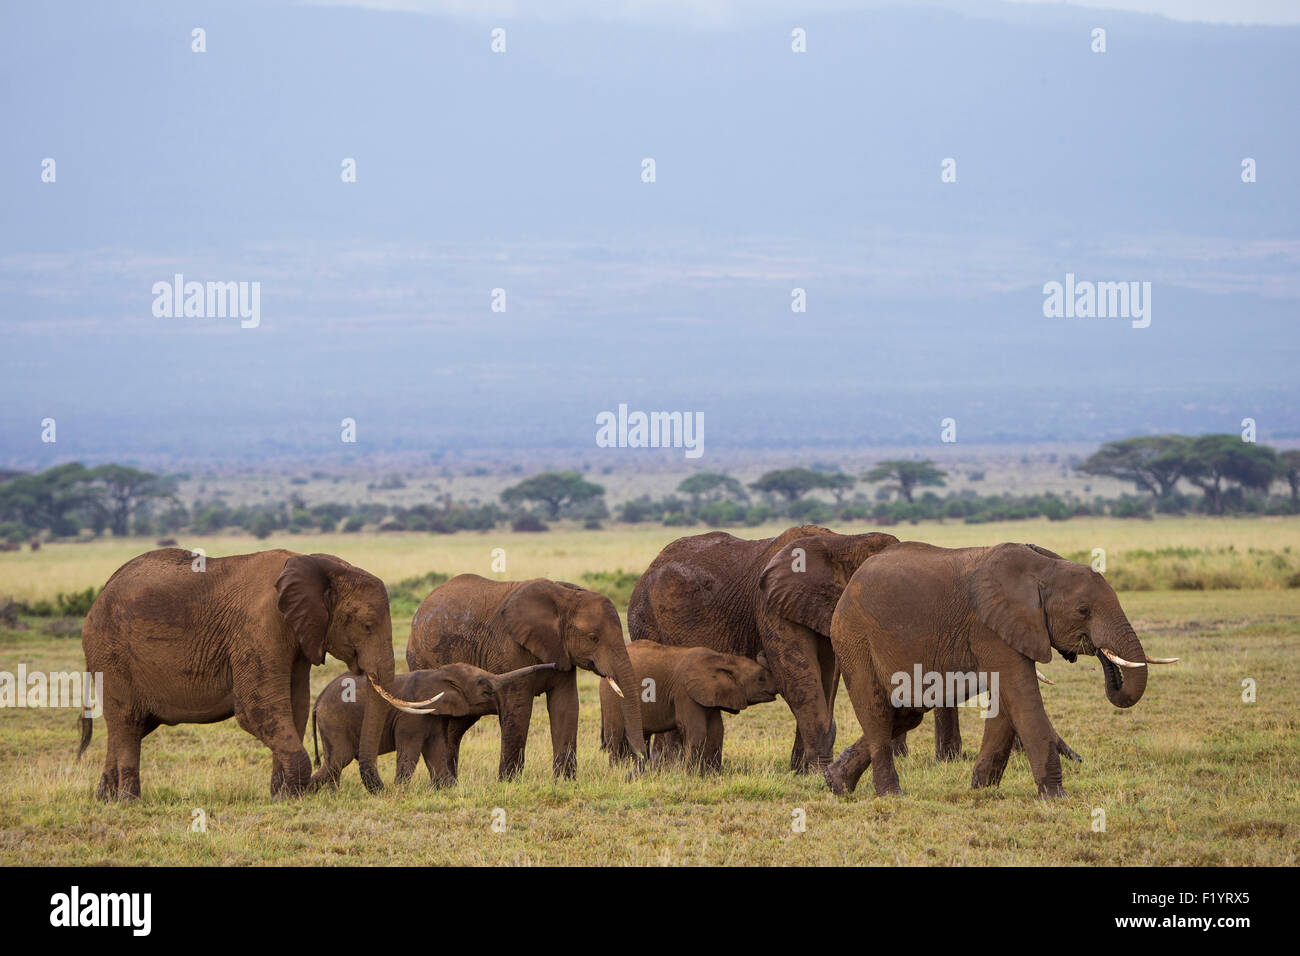 African Elephant (Loxodonta africana) Family foraging at Amboseli National Park Kenya - Stock Image